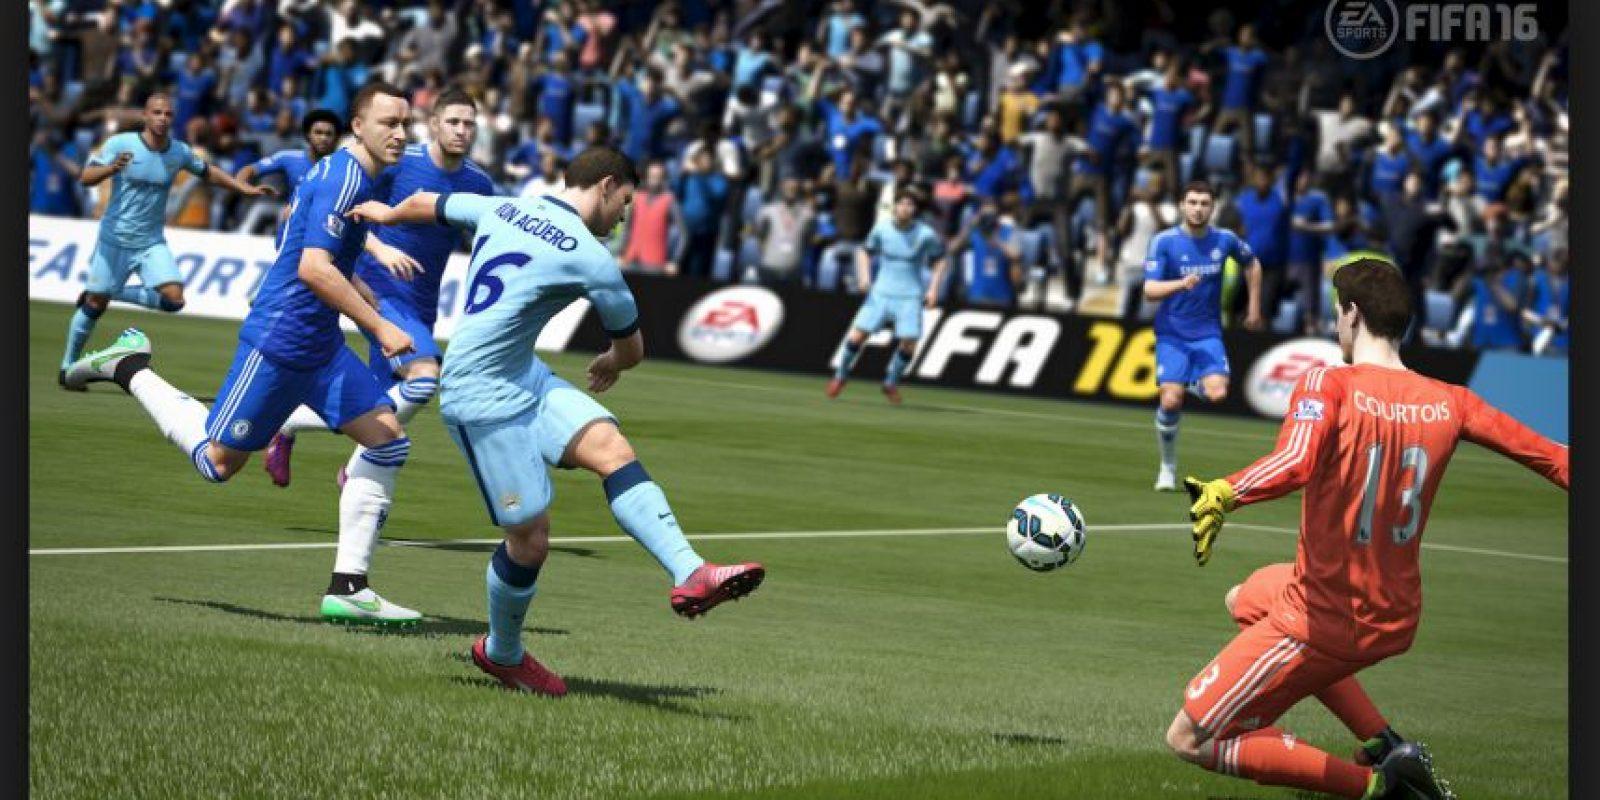 FIFA ha mejorado sus mecanismos de juego considerablemente en los últimos años Foto:EASport